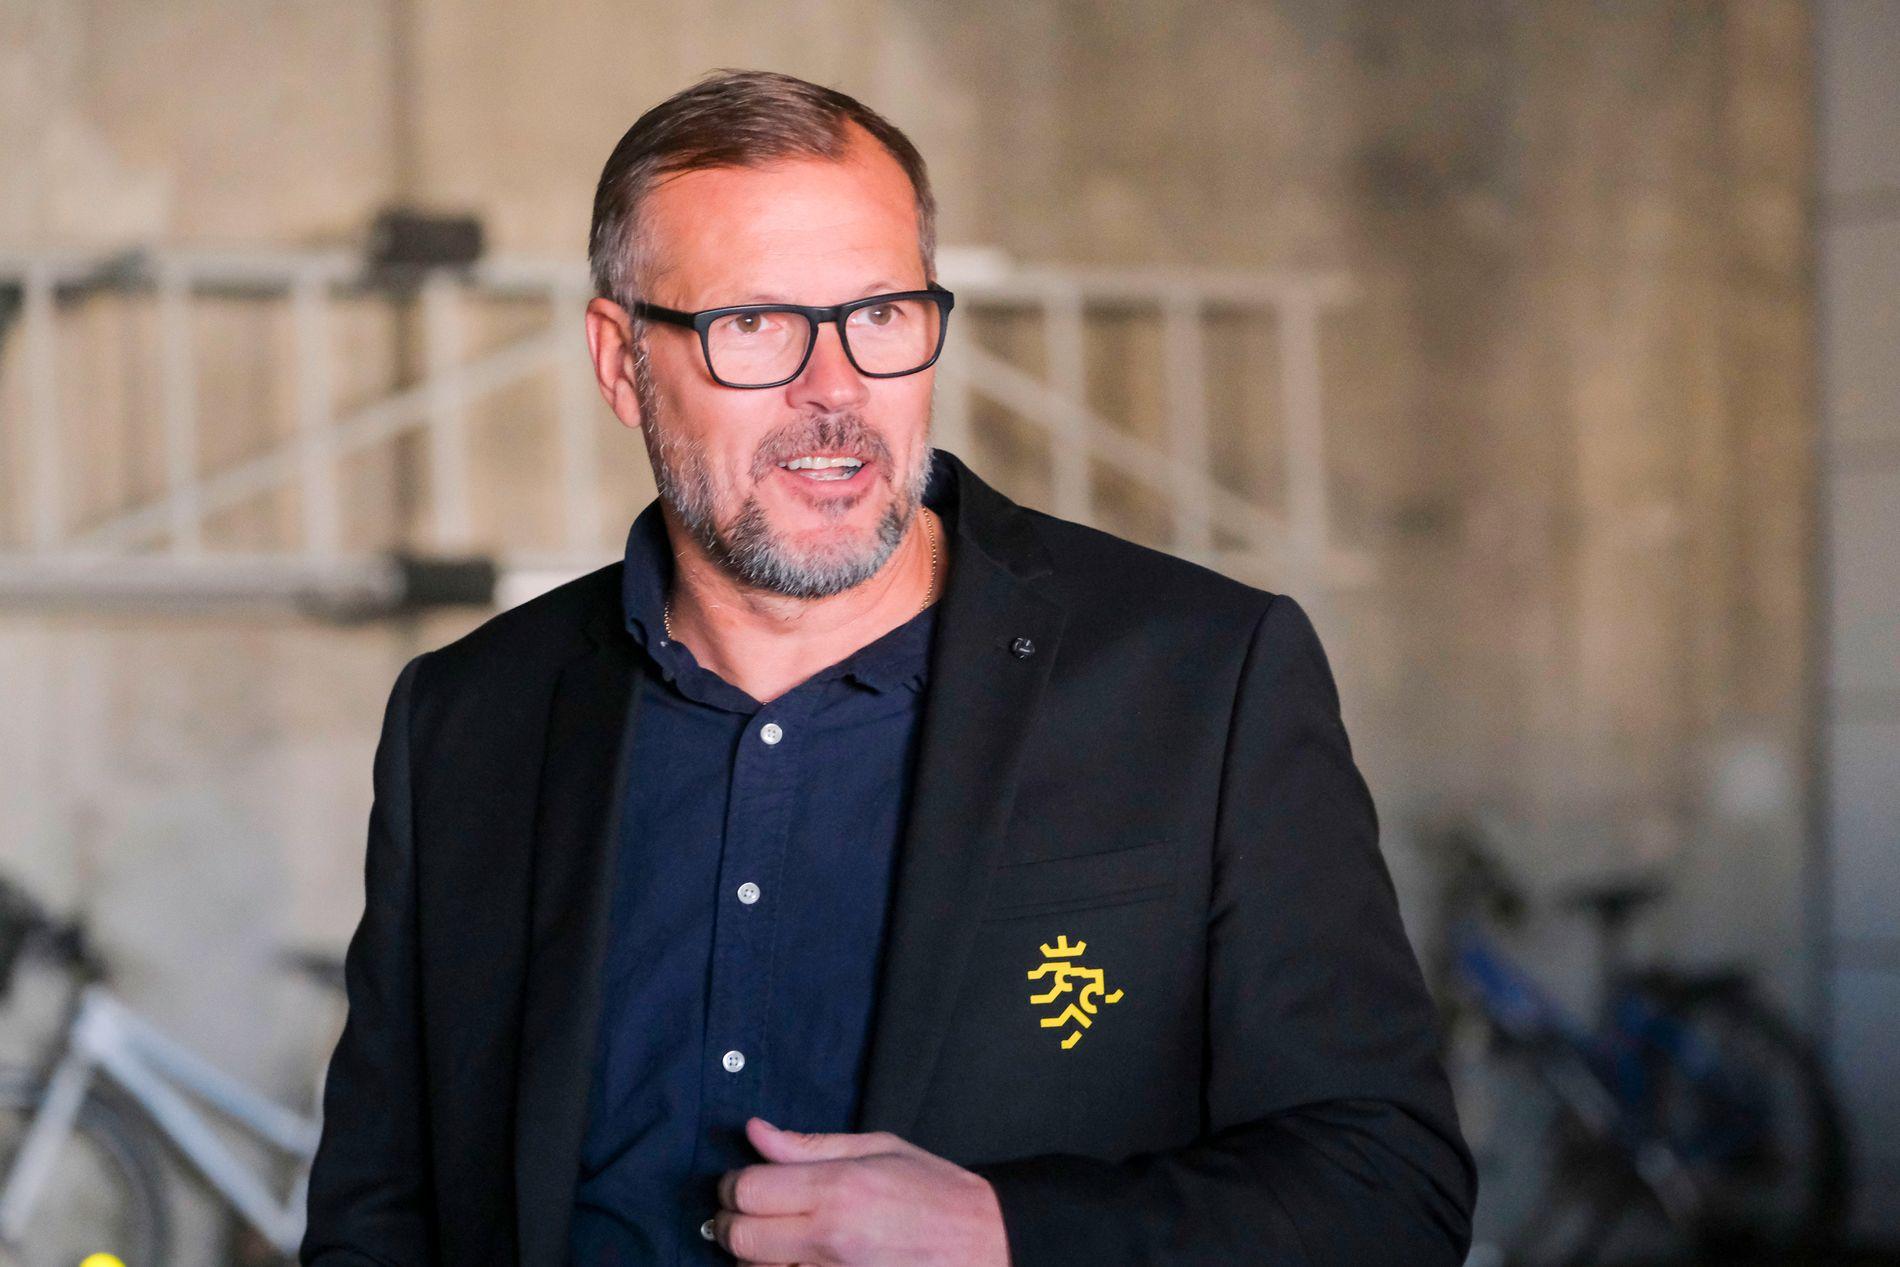 UTTALTE SEG IKKE: Kjetil Rekdal forlot Sør Arena uten å prate med pressen etter 0–1-tapet for Aalesund.